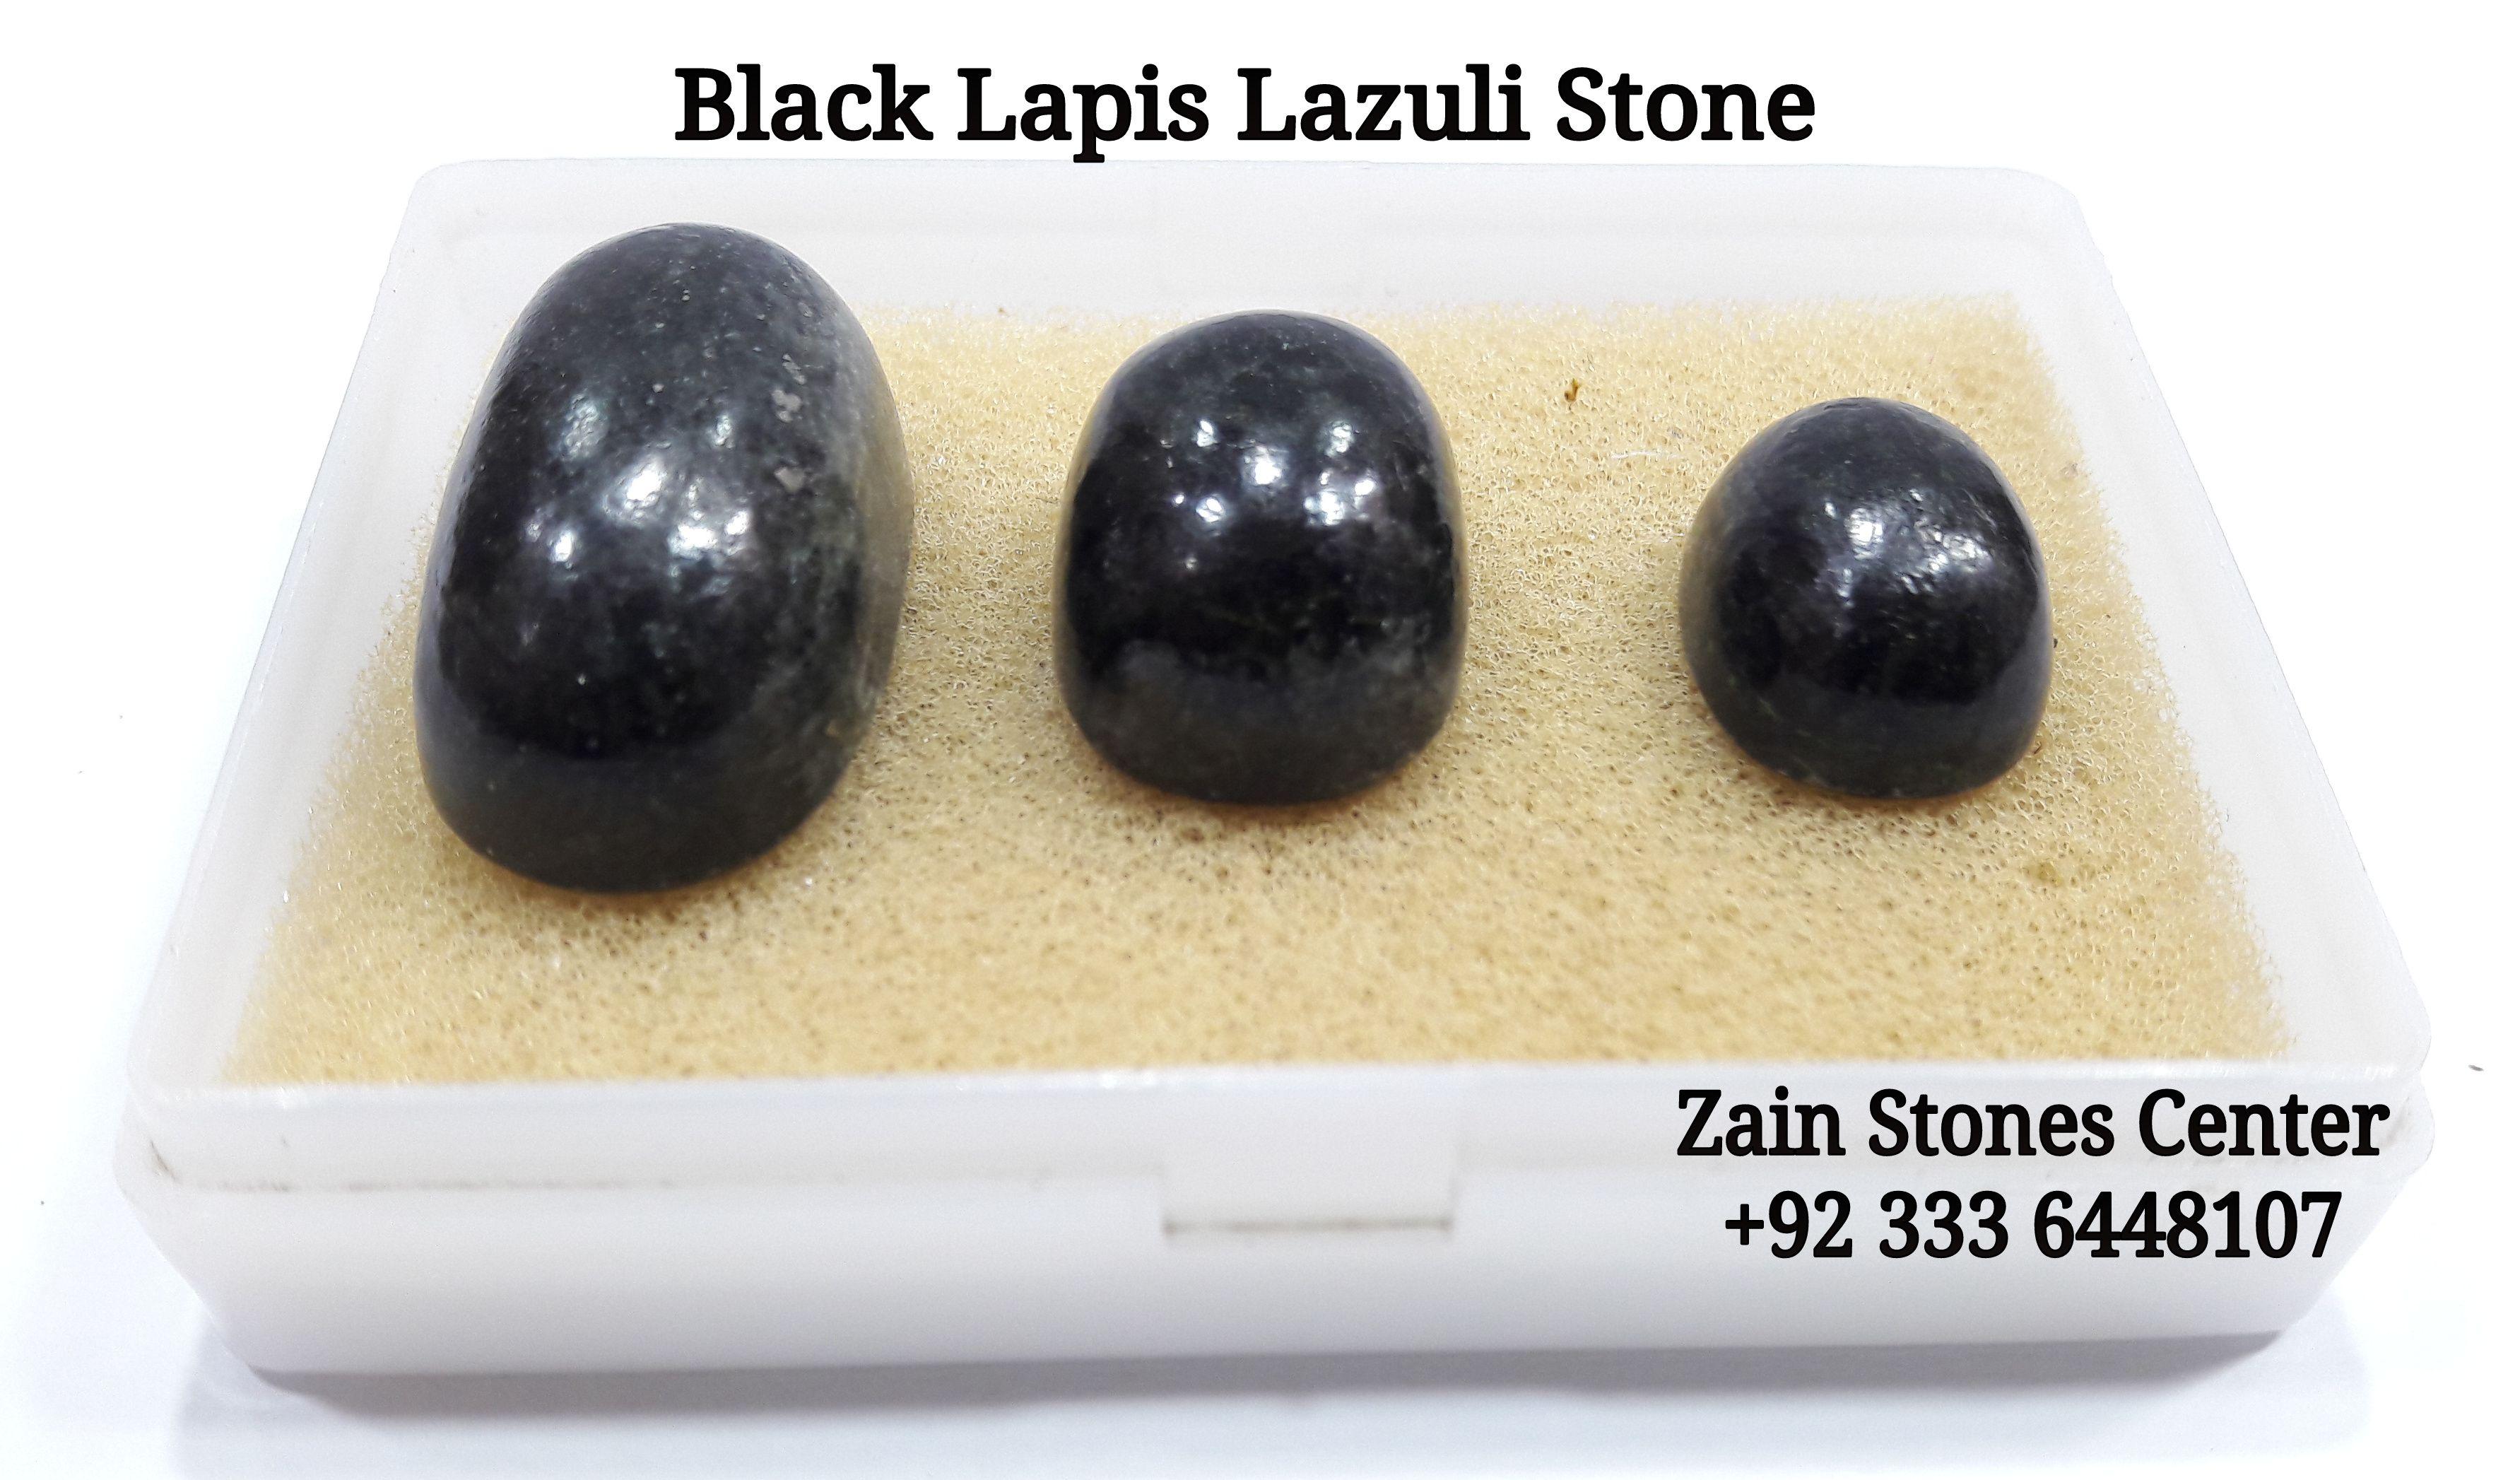 Black Lapis Lazuli Stone / Zain Stone Center Lapis